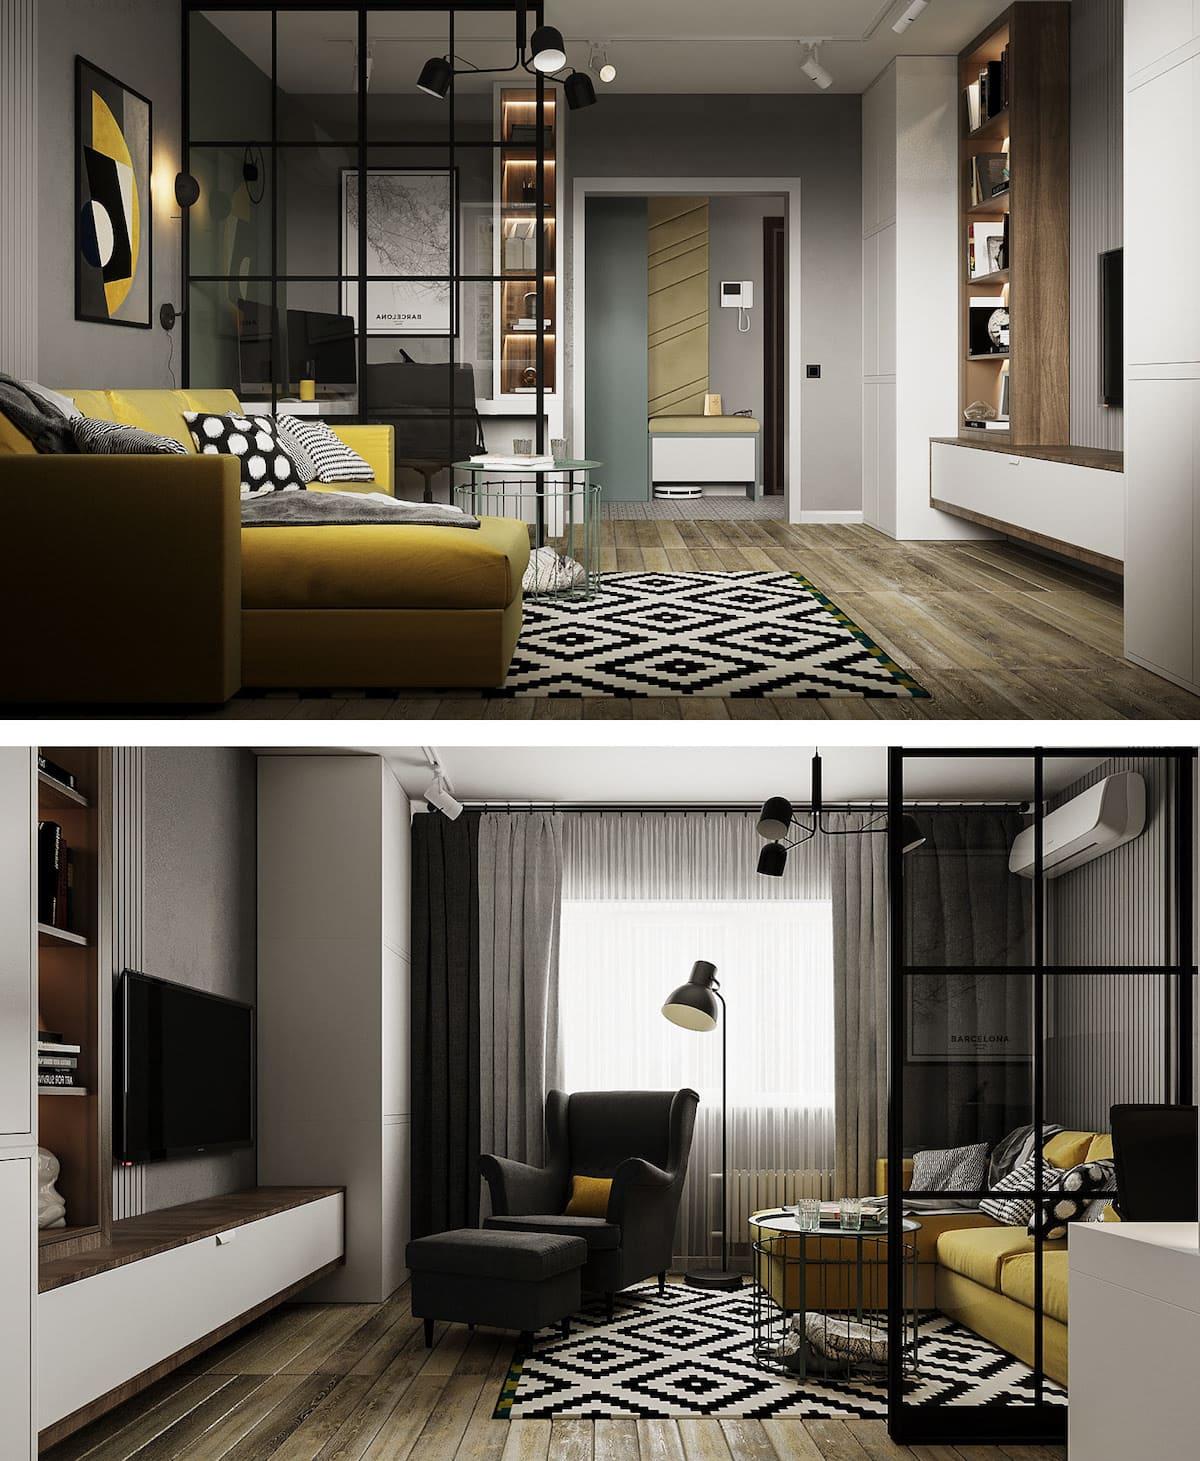 Conception d'un appartement à une chambre photo 54